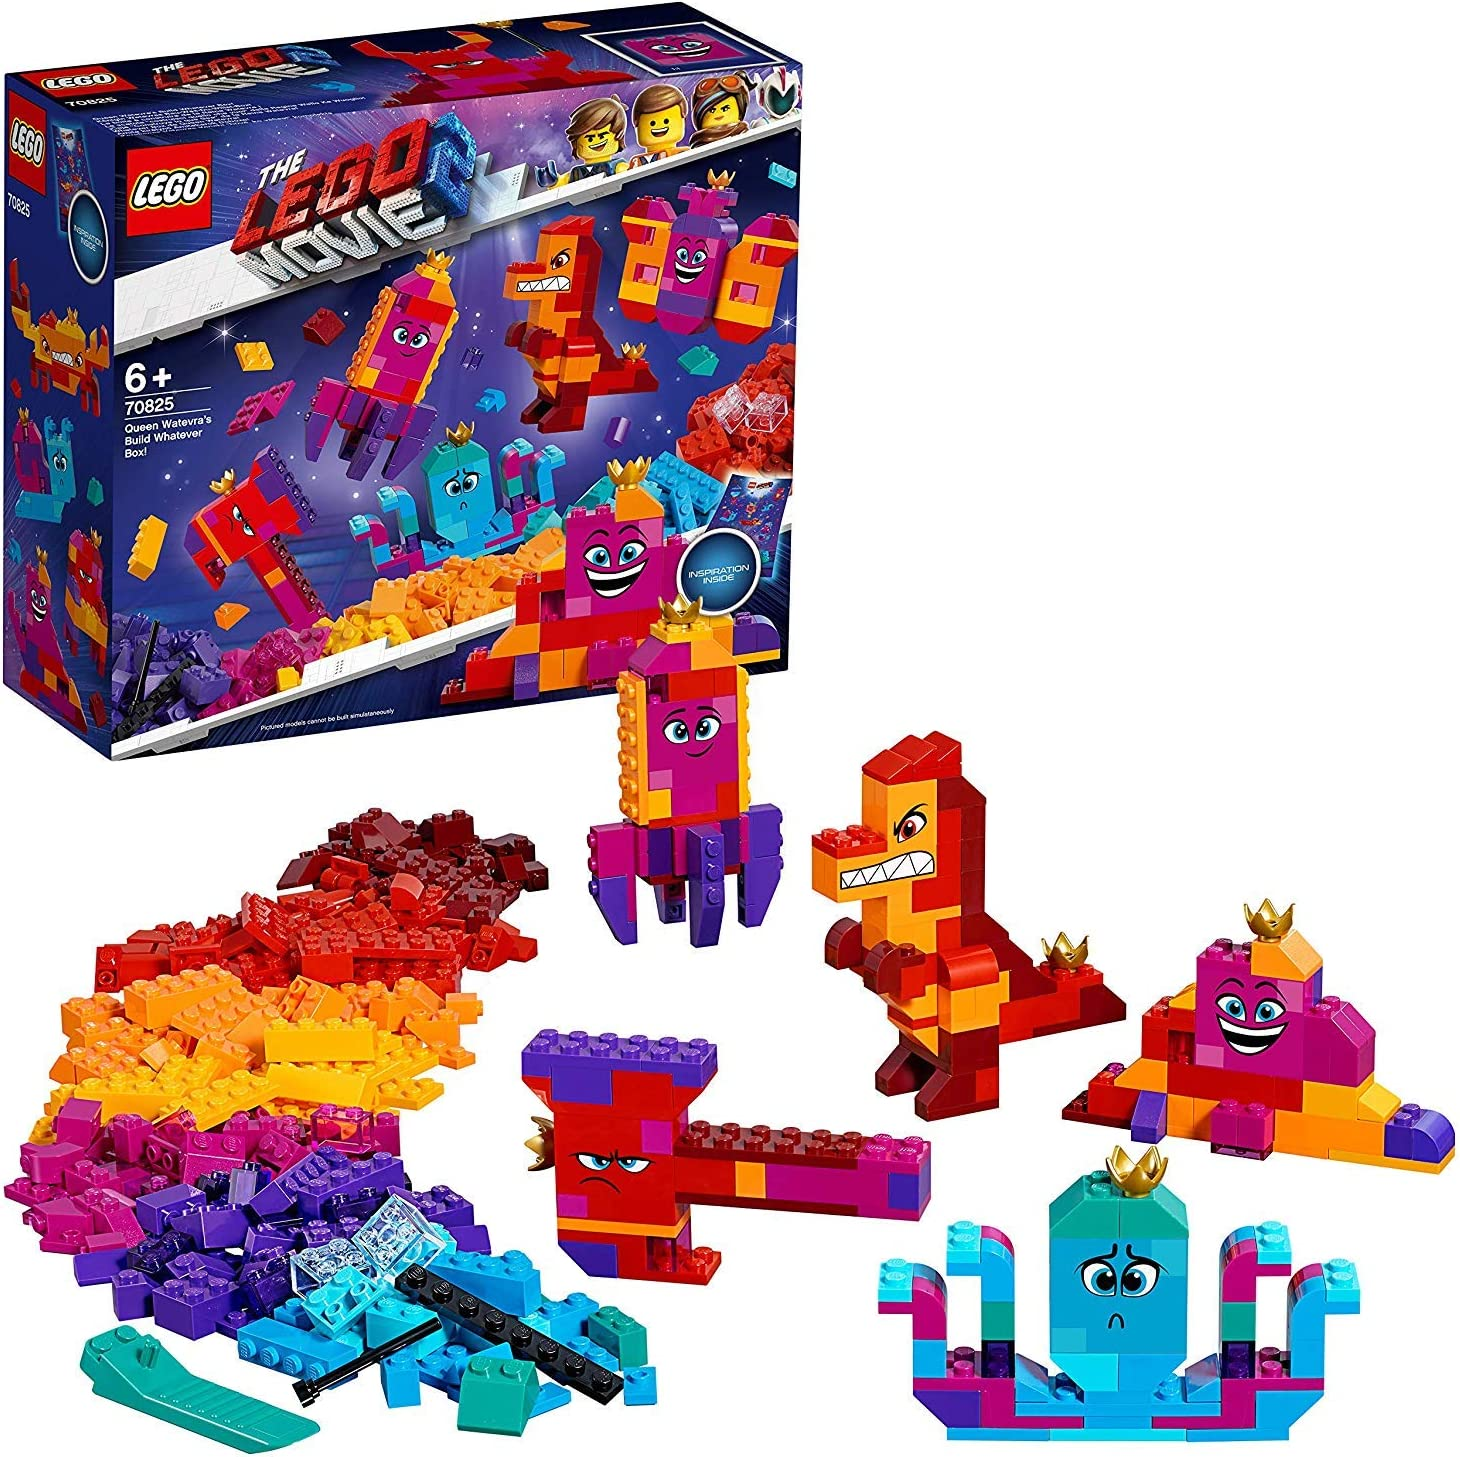 LEGO Película 2 - Caja construye lo que sea de la Reina Soyloque, juguete creativo de construcción de las aventuras de Watevra WaNabi (70825) , color/modelo surtido: LEGO: Amazon.es: Juguetes y juegos